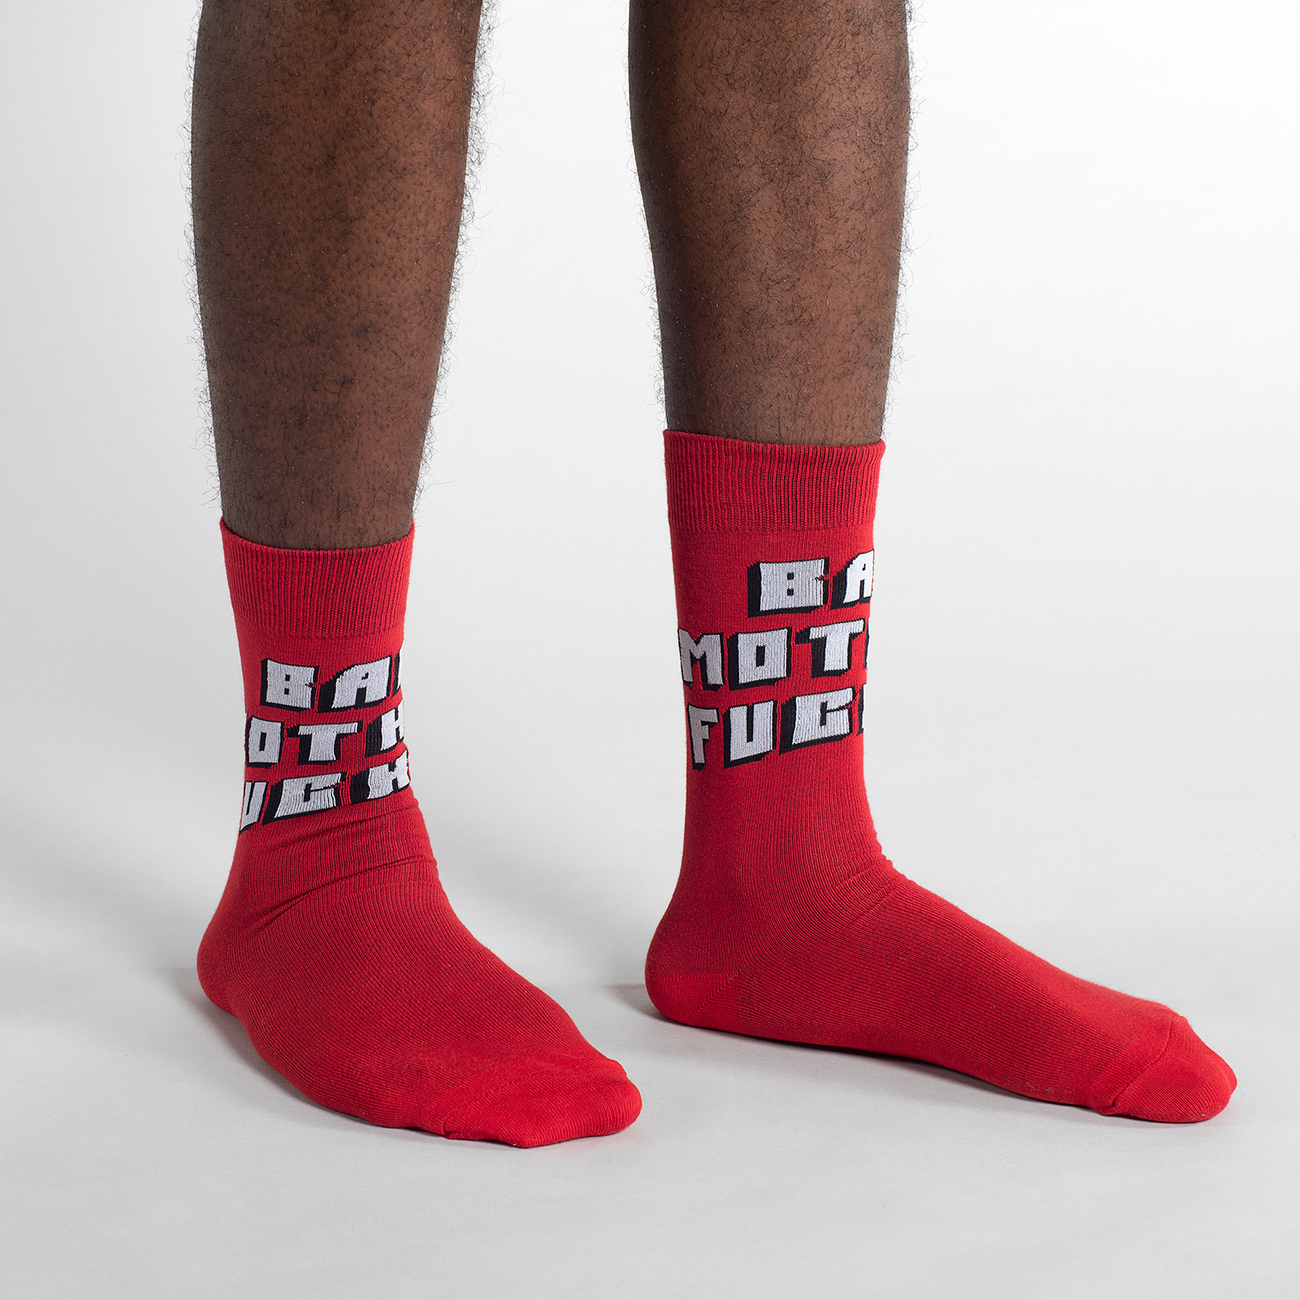 Socks Sigtuna Bad Mother